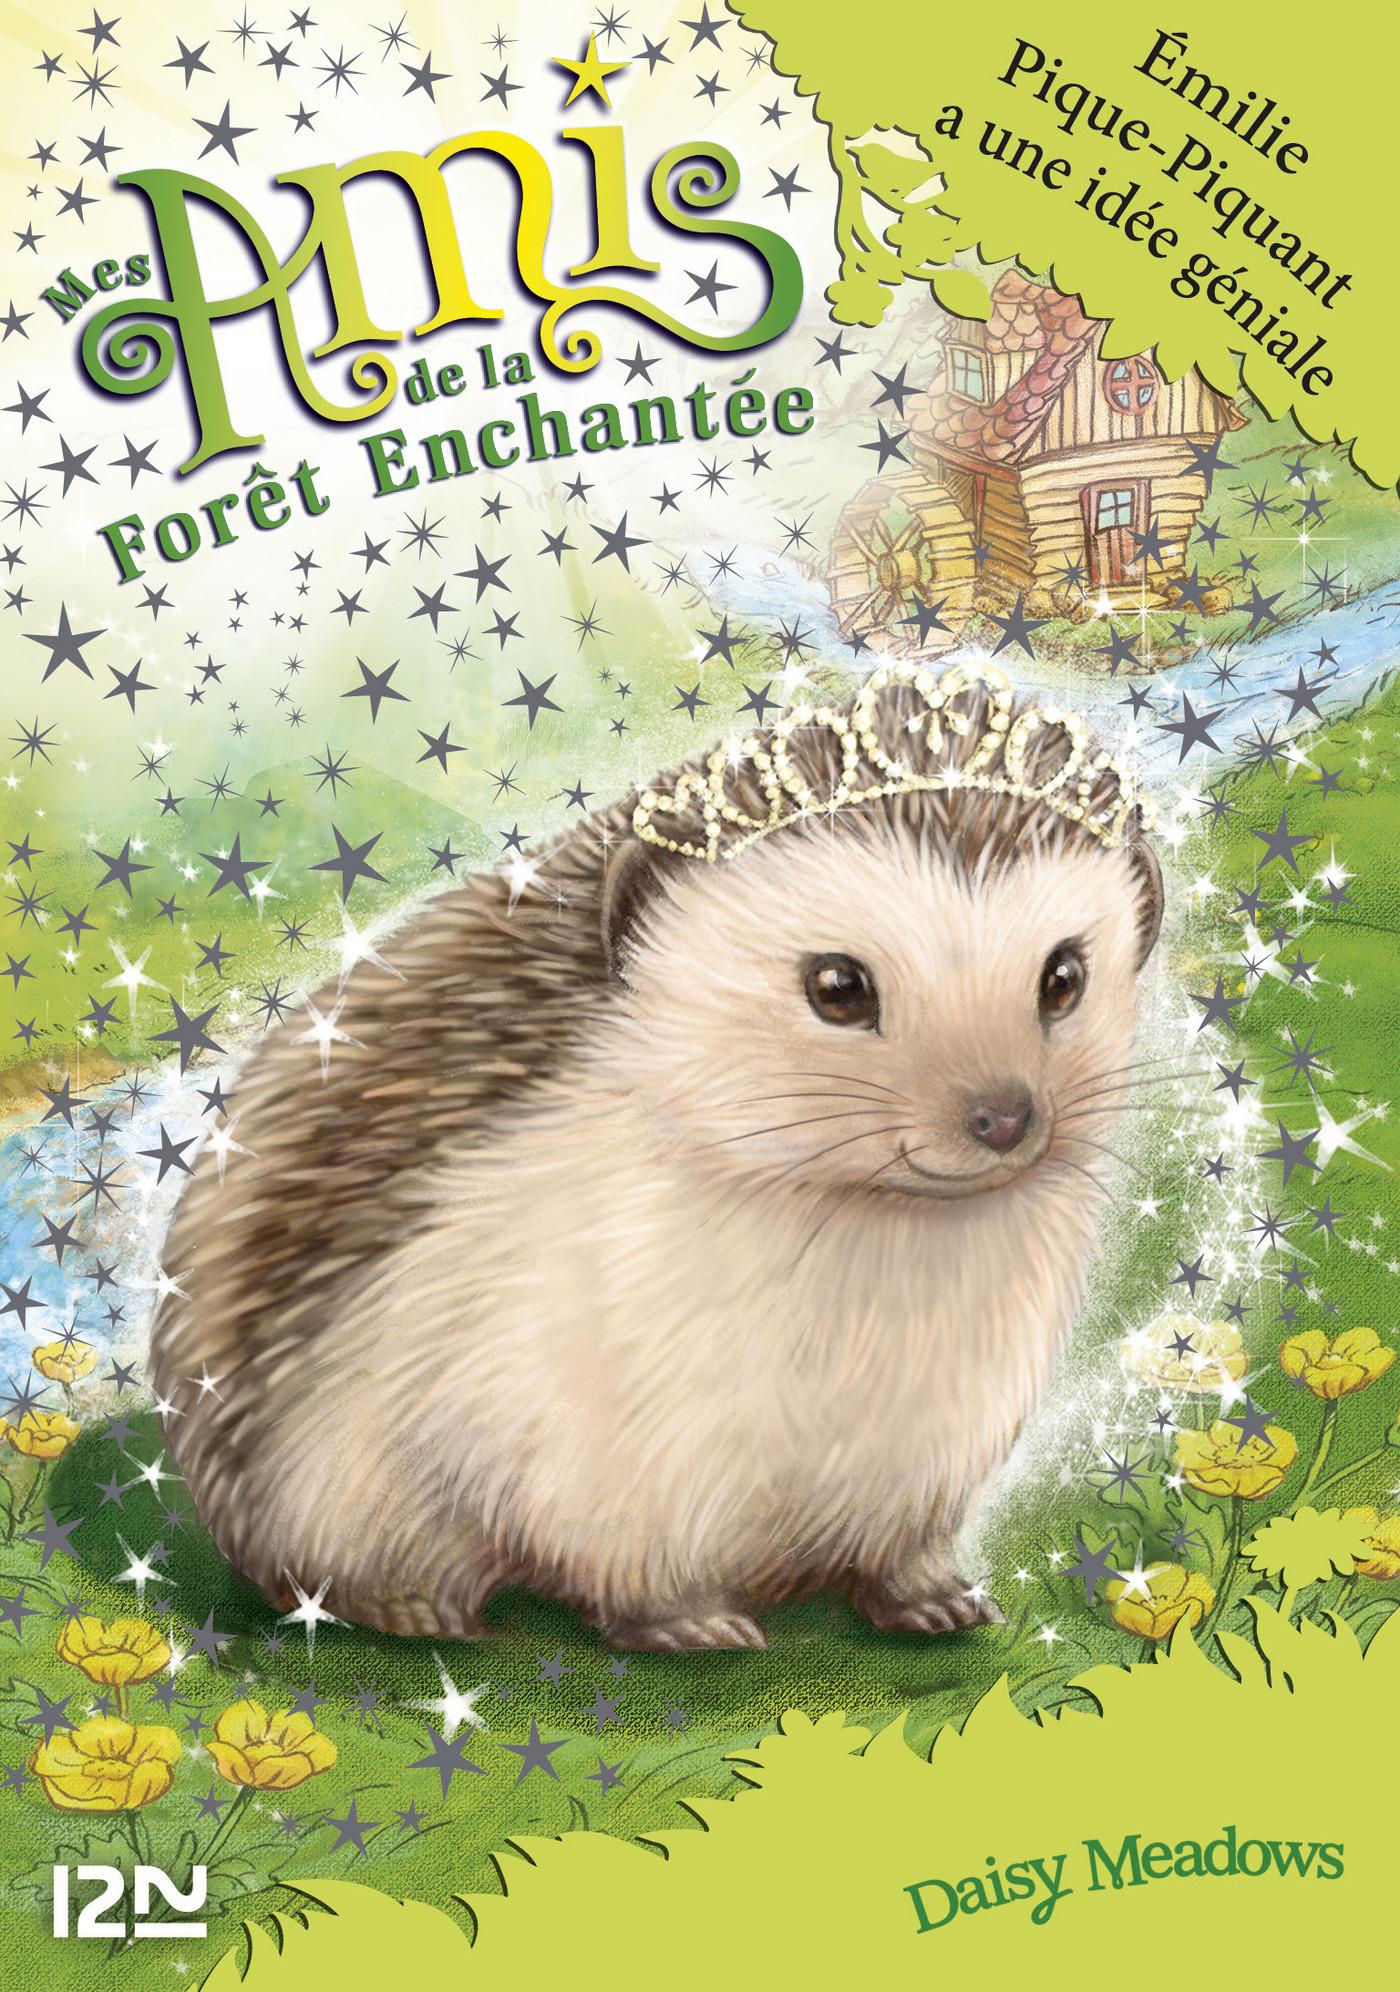 Mes amis de la forêt enchantée - tome 6 : Emilie Pique-Piquant a une idée géniale